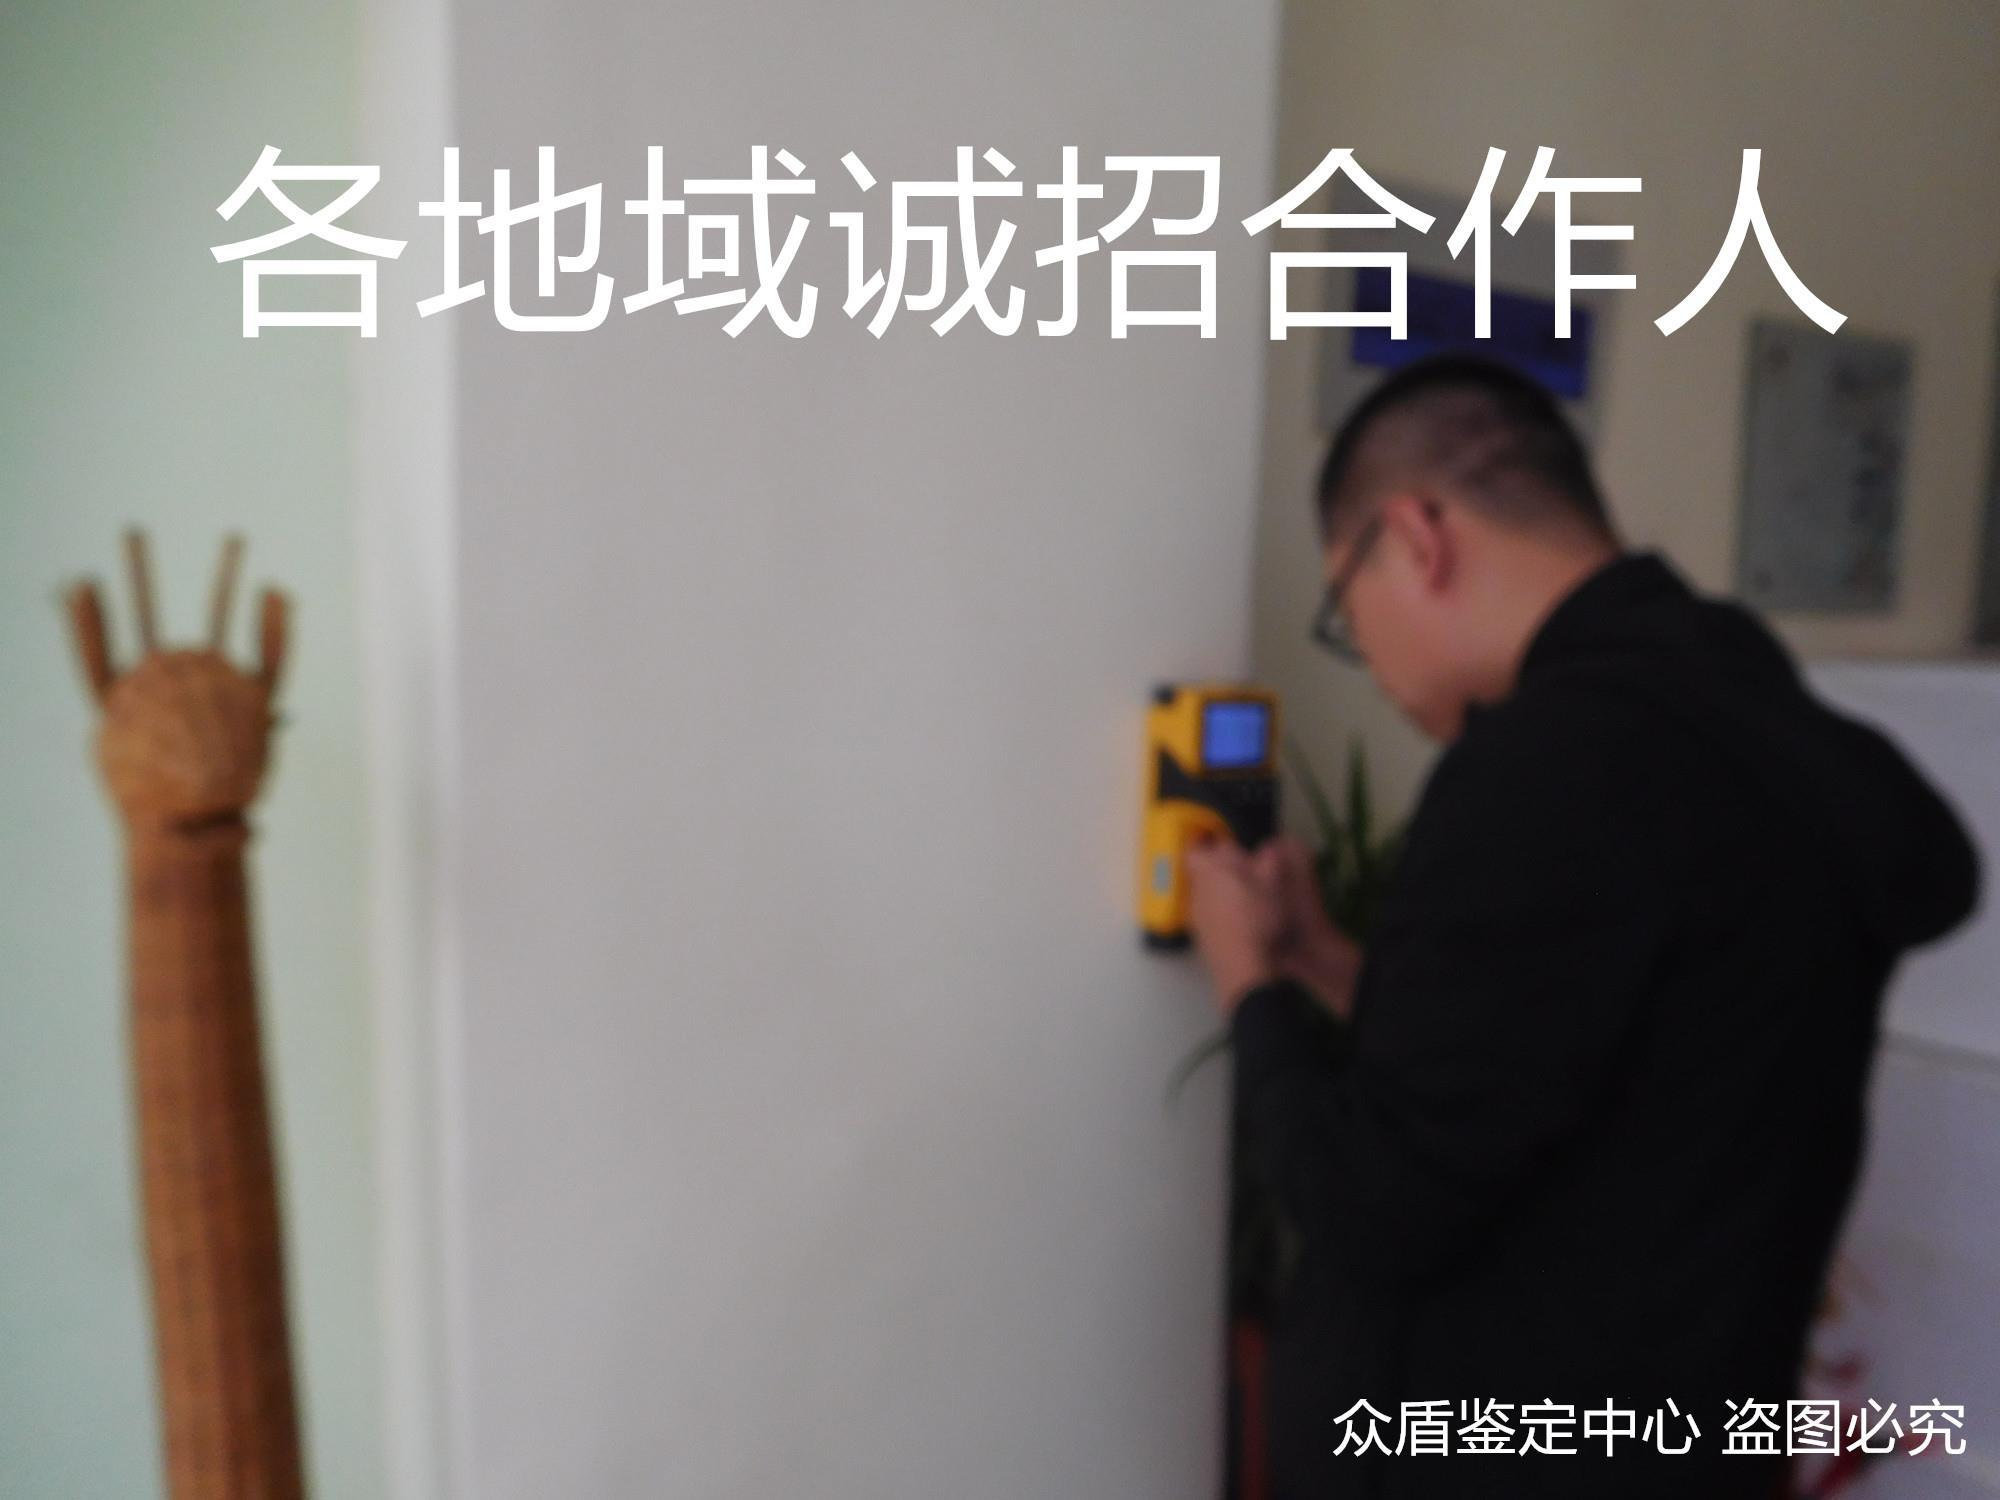 塔城专业从事房屋质量安全检测鉴定部门